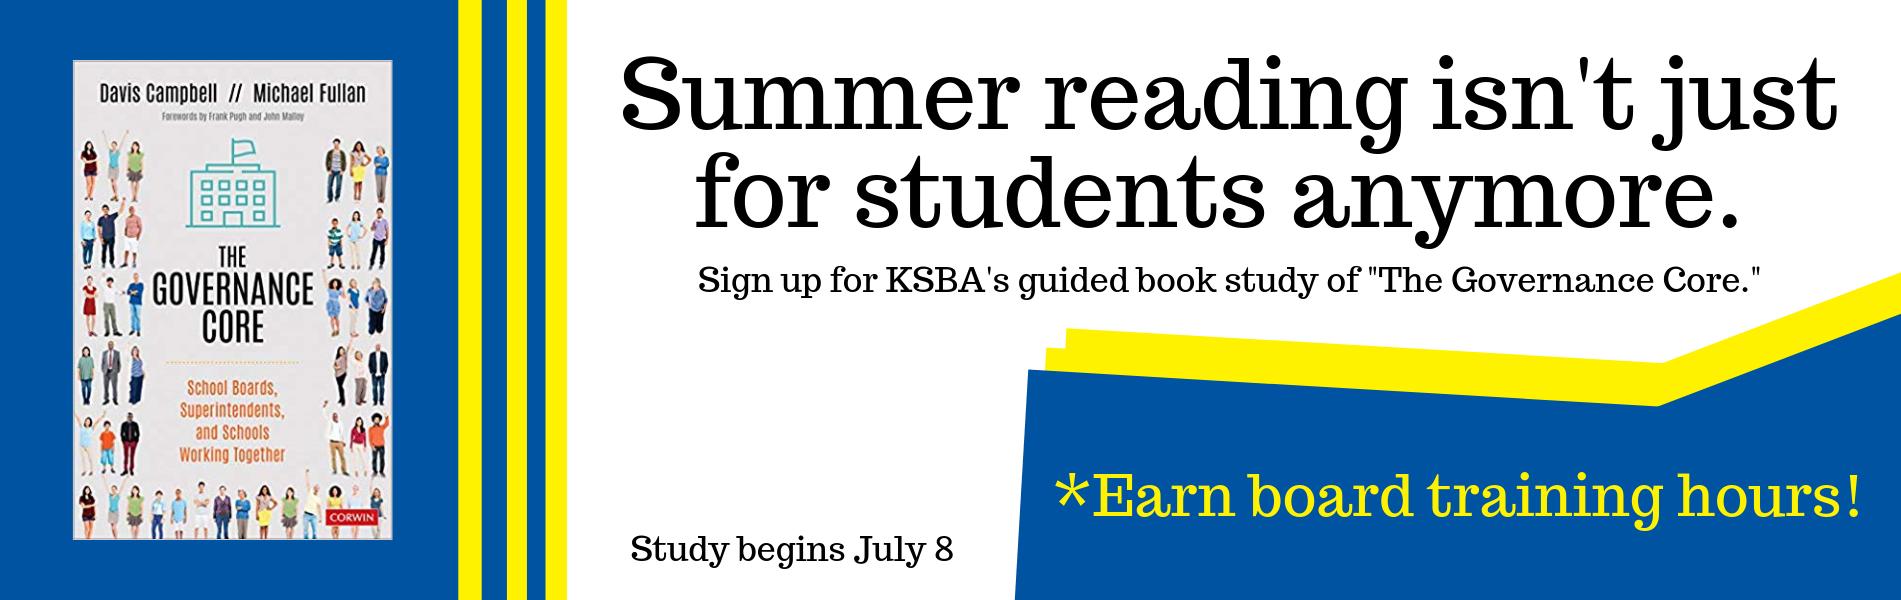 KSBA book study